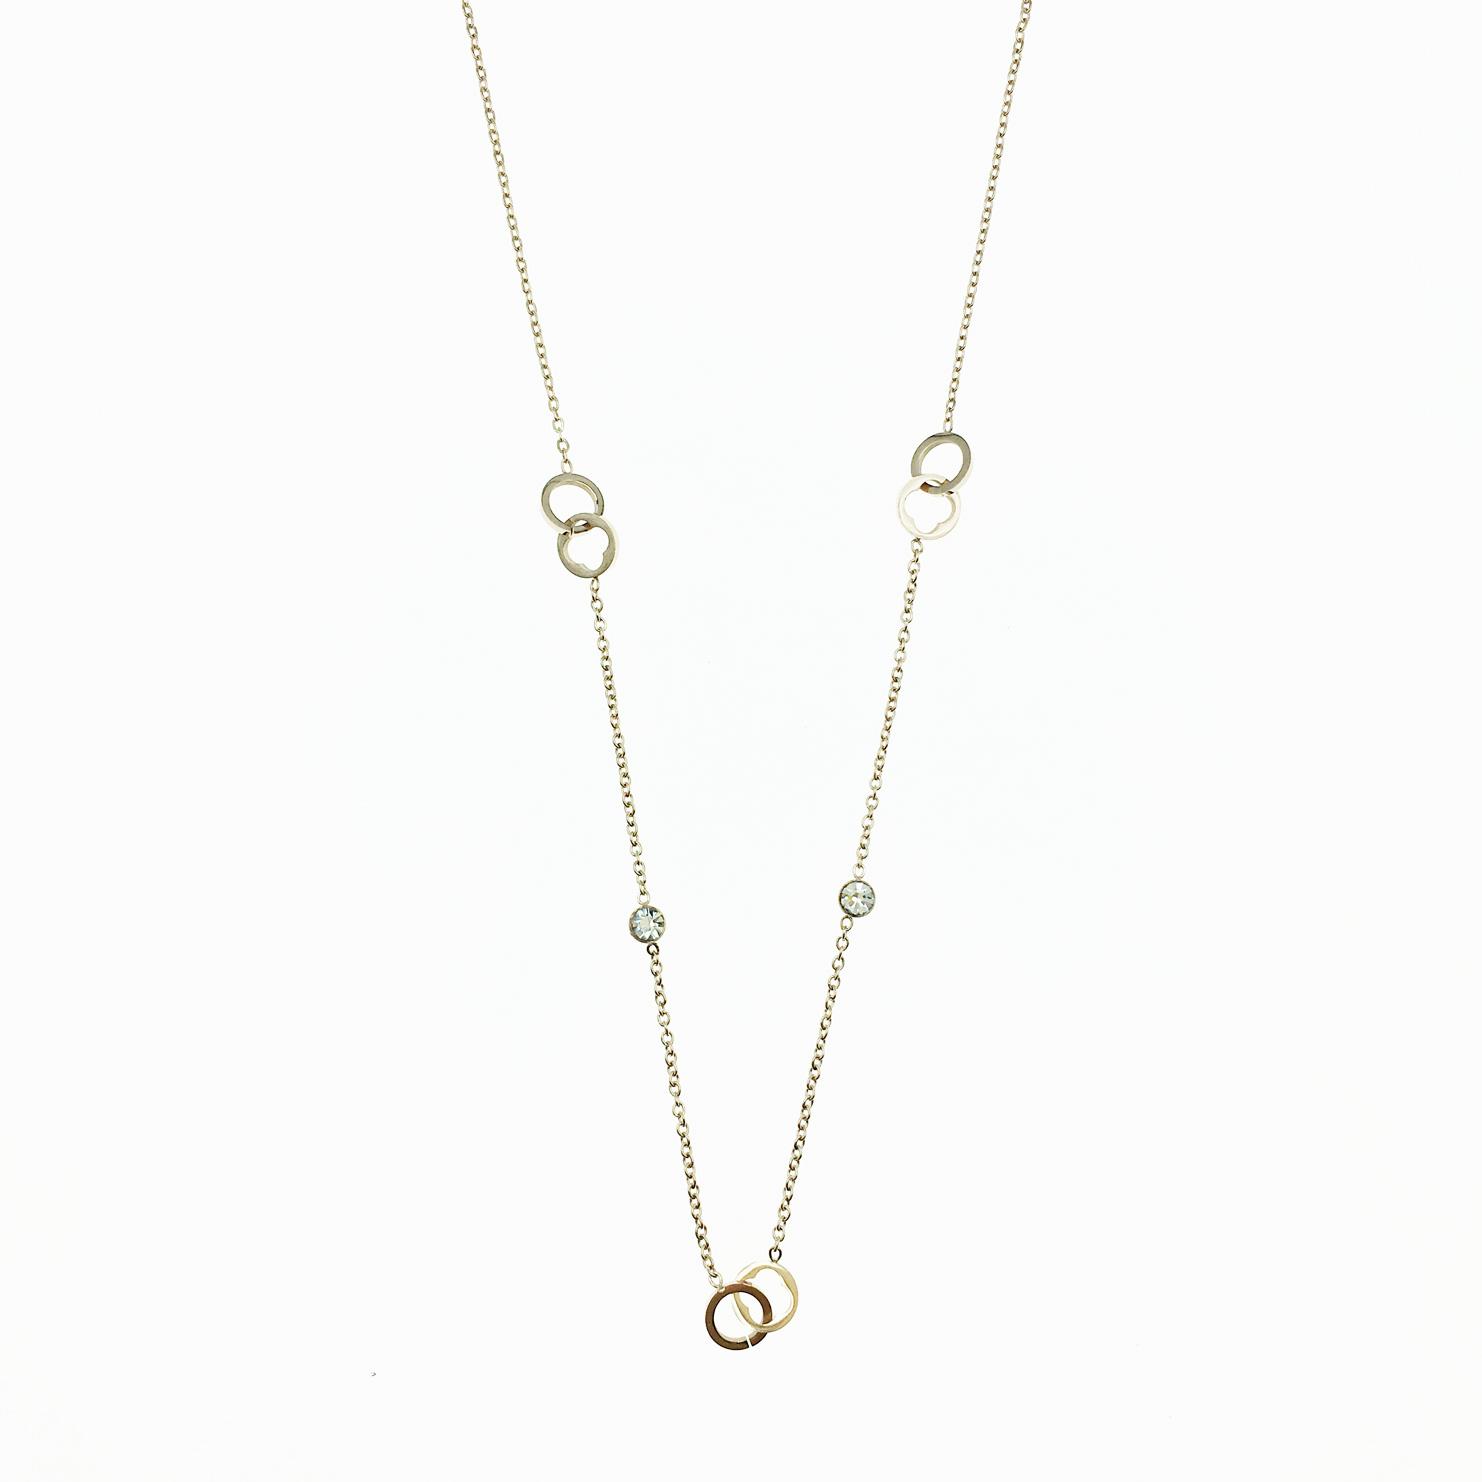 韓國 不鏽鋼 簍空圓圈 水鑽 玫瑰金 項鍊